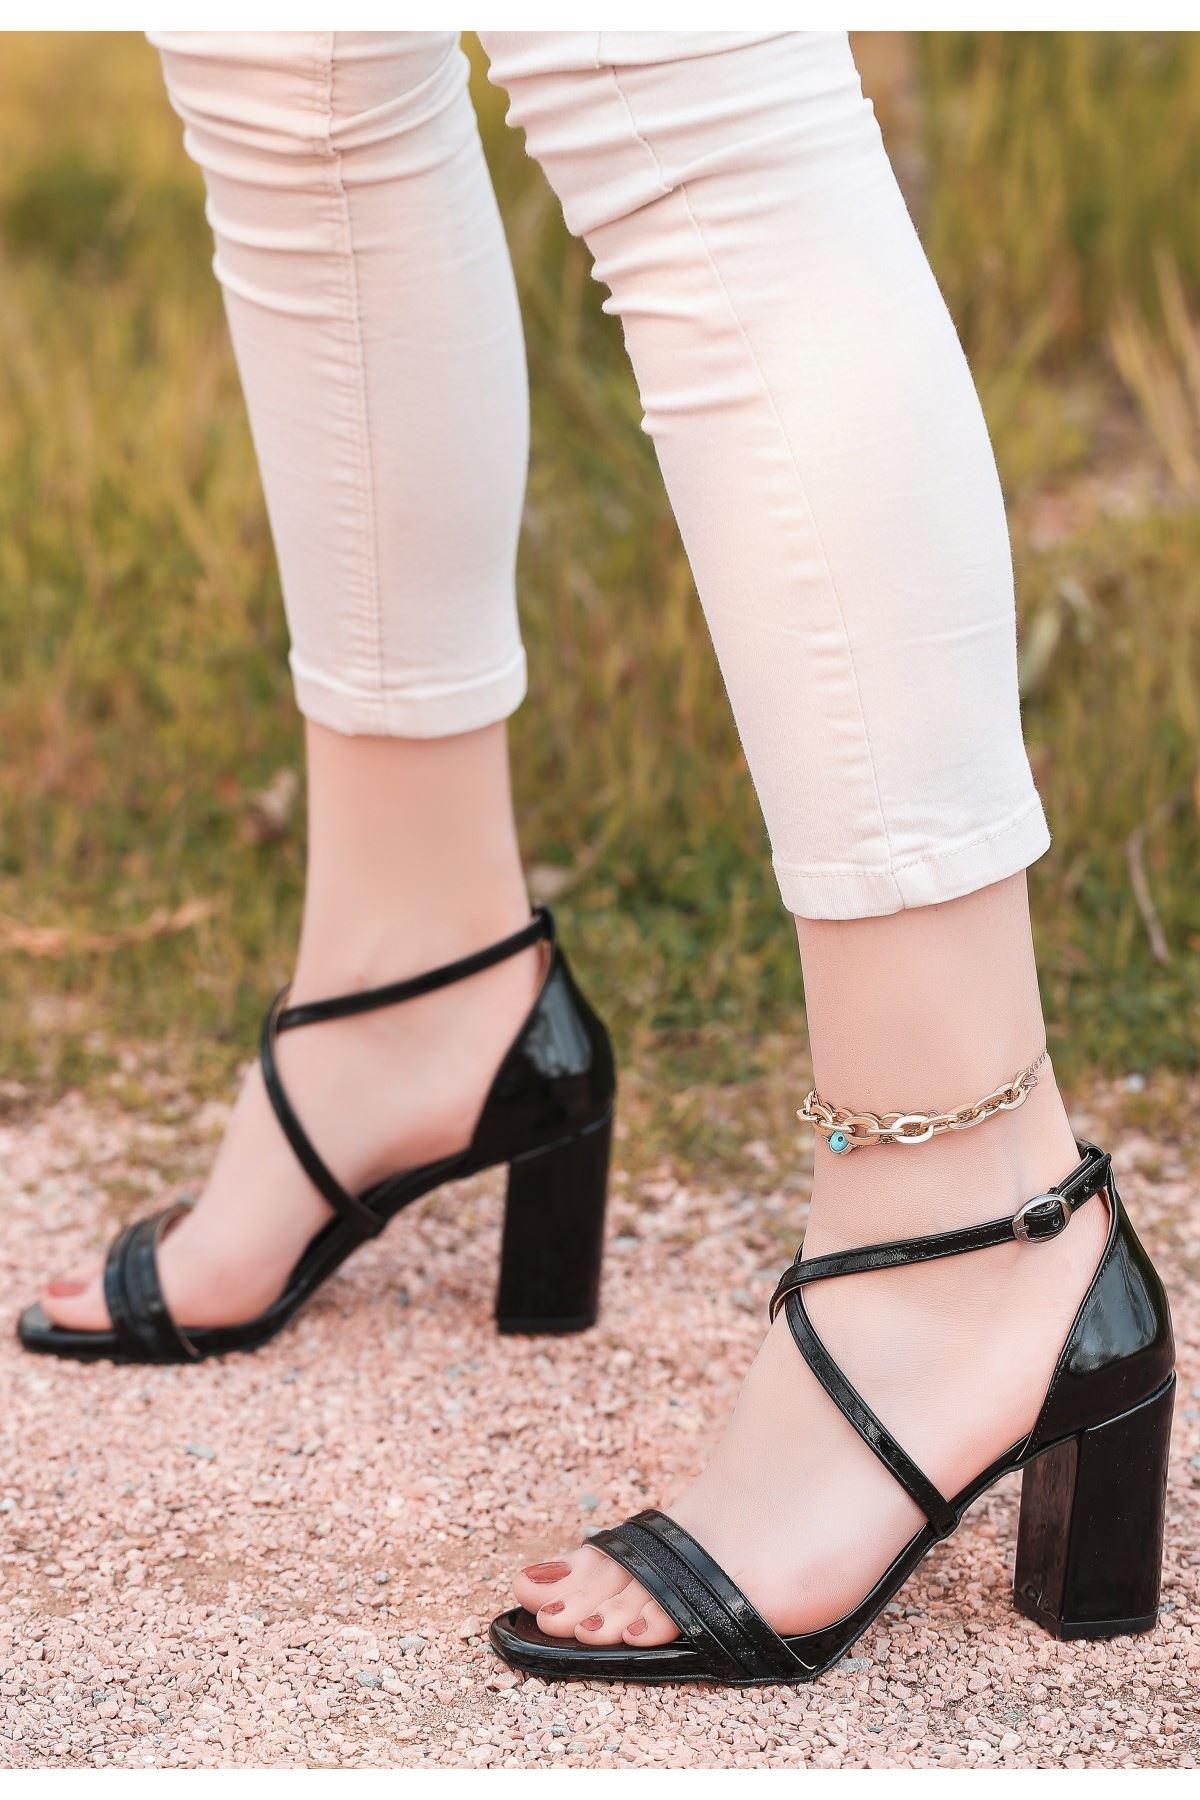 Tend Siyah Rugan Topuklu Ayakkabı